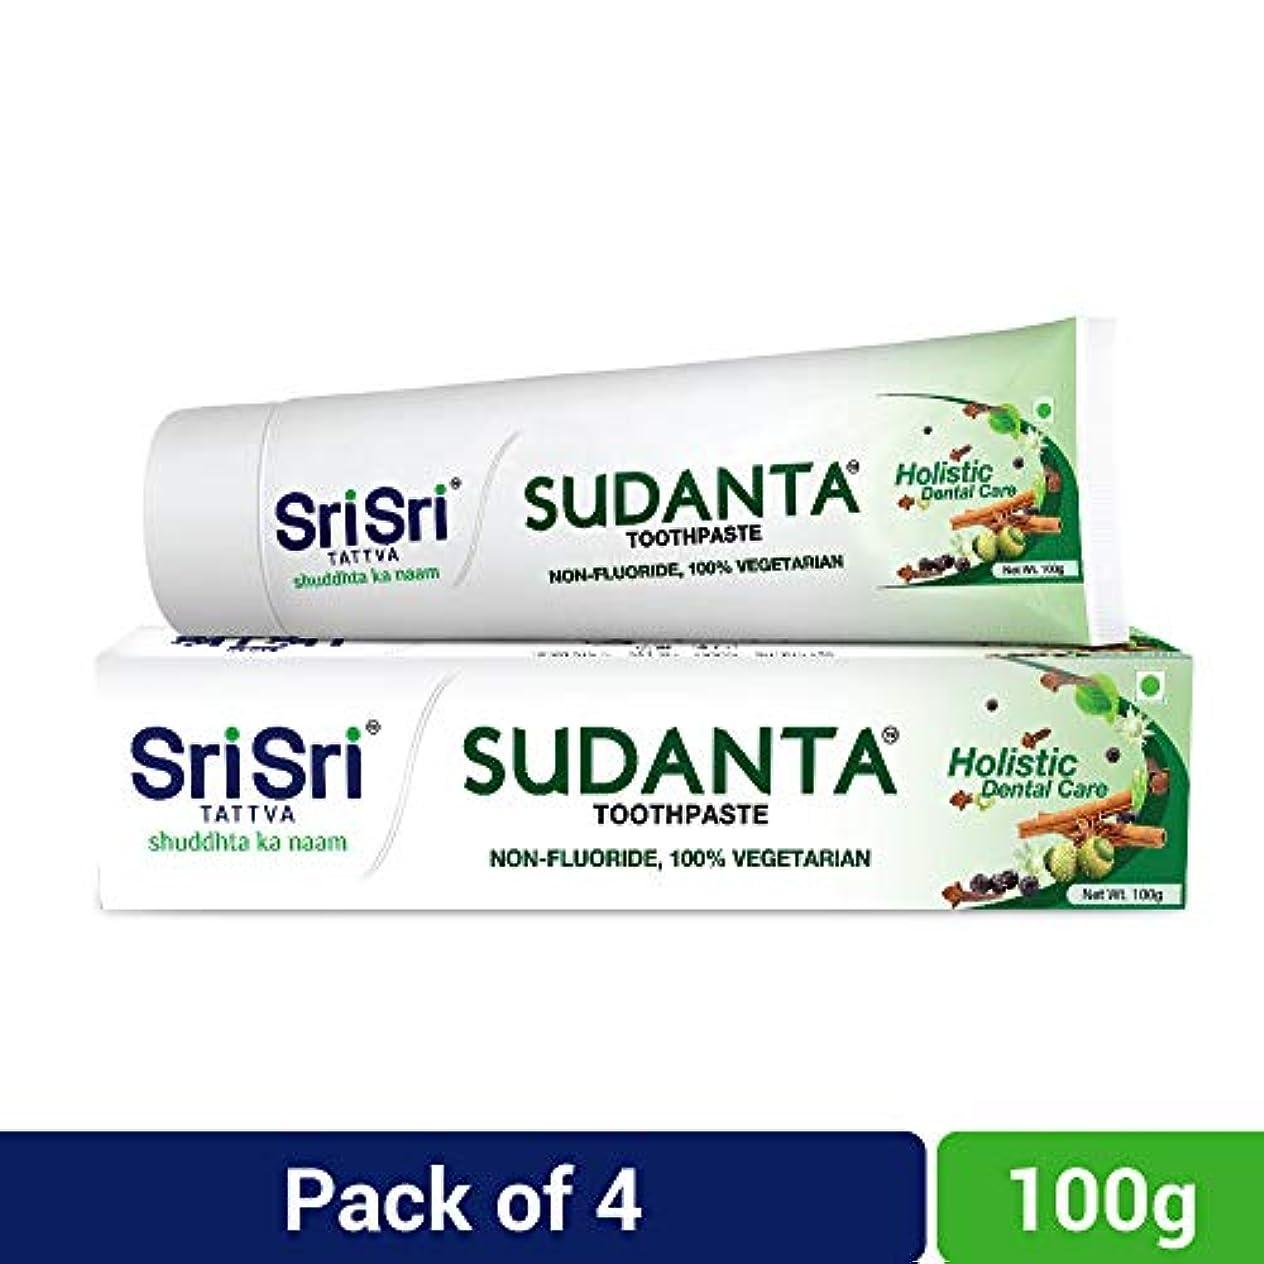 マーキング取るに足らないプログラムSri Sri Tattva Sudanta Toothpaste, 400gm (100 x Pack of 4)